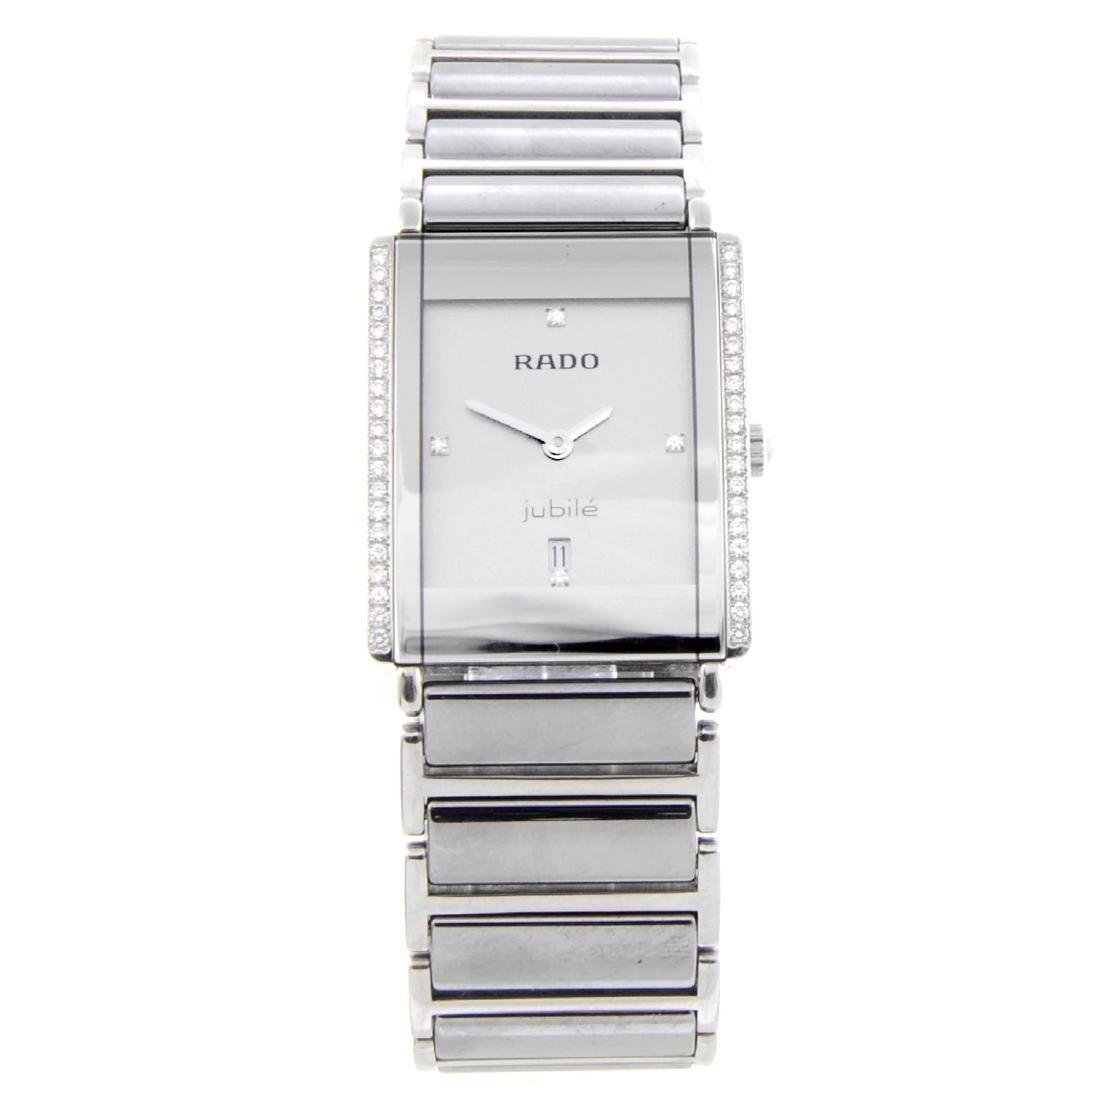 RADO - a mid-size DiaStar bracelet watch. Ceramic